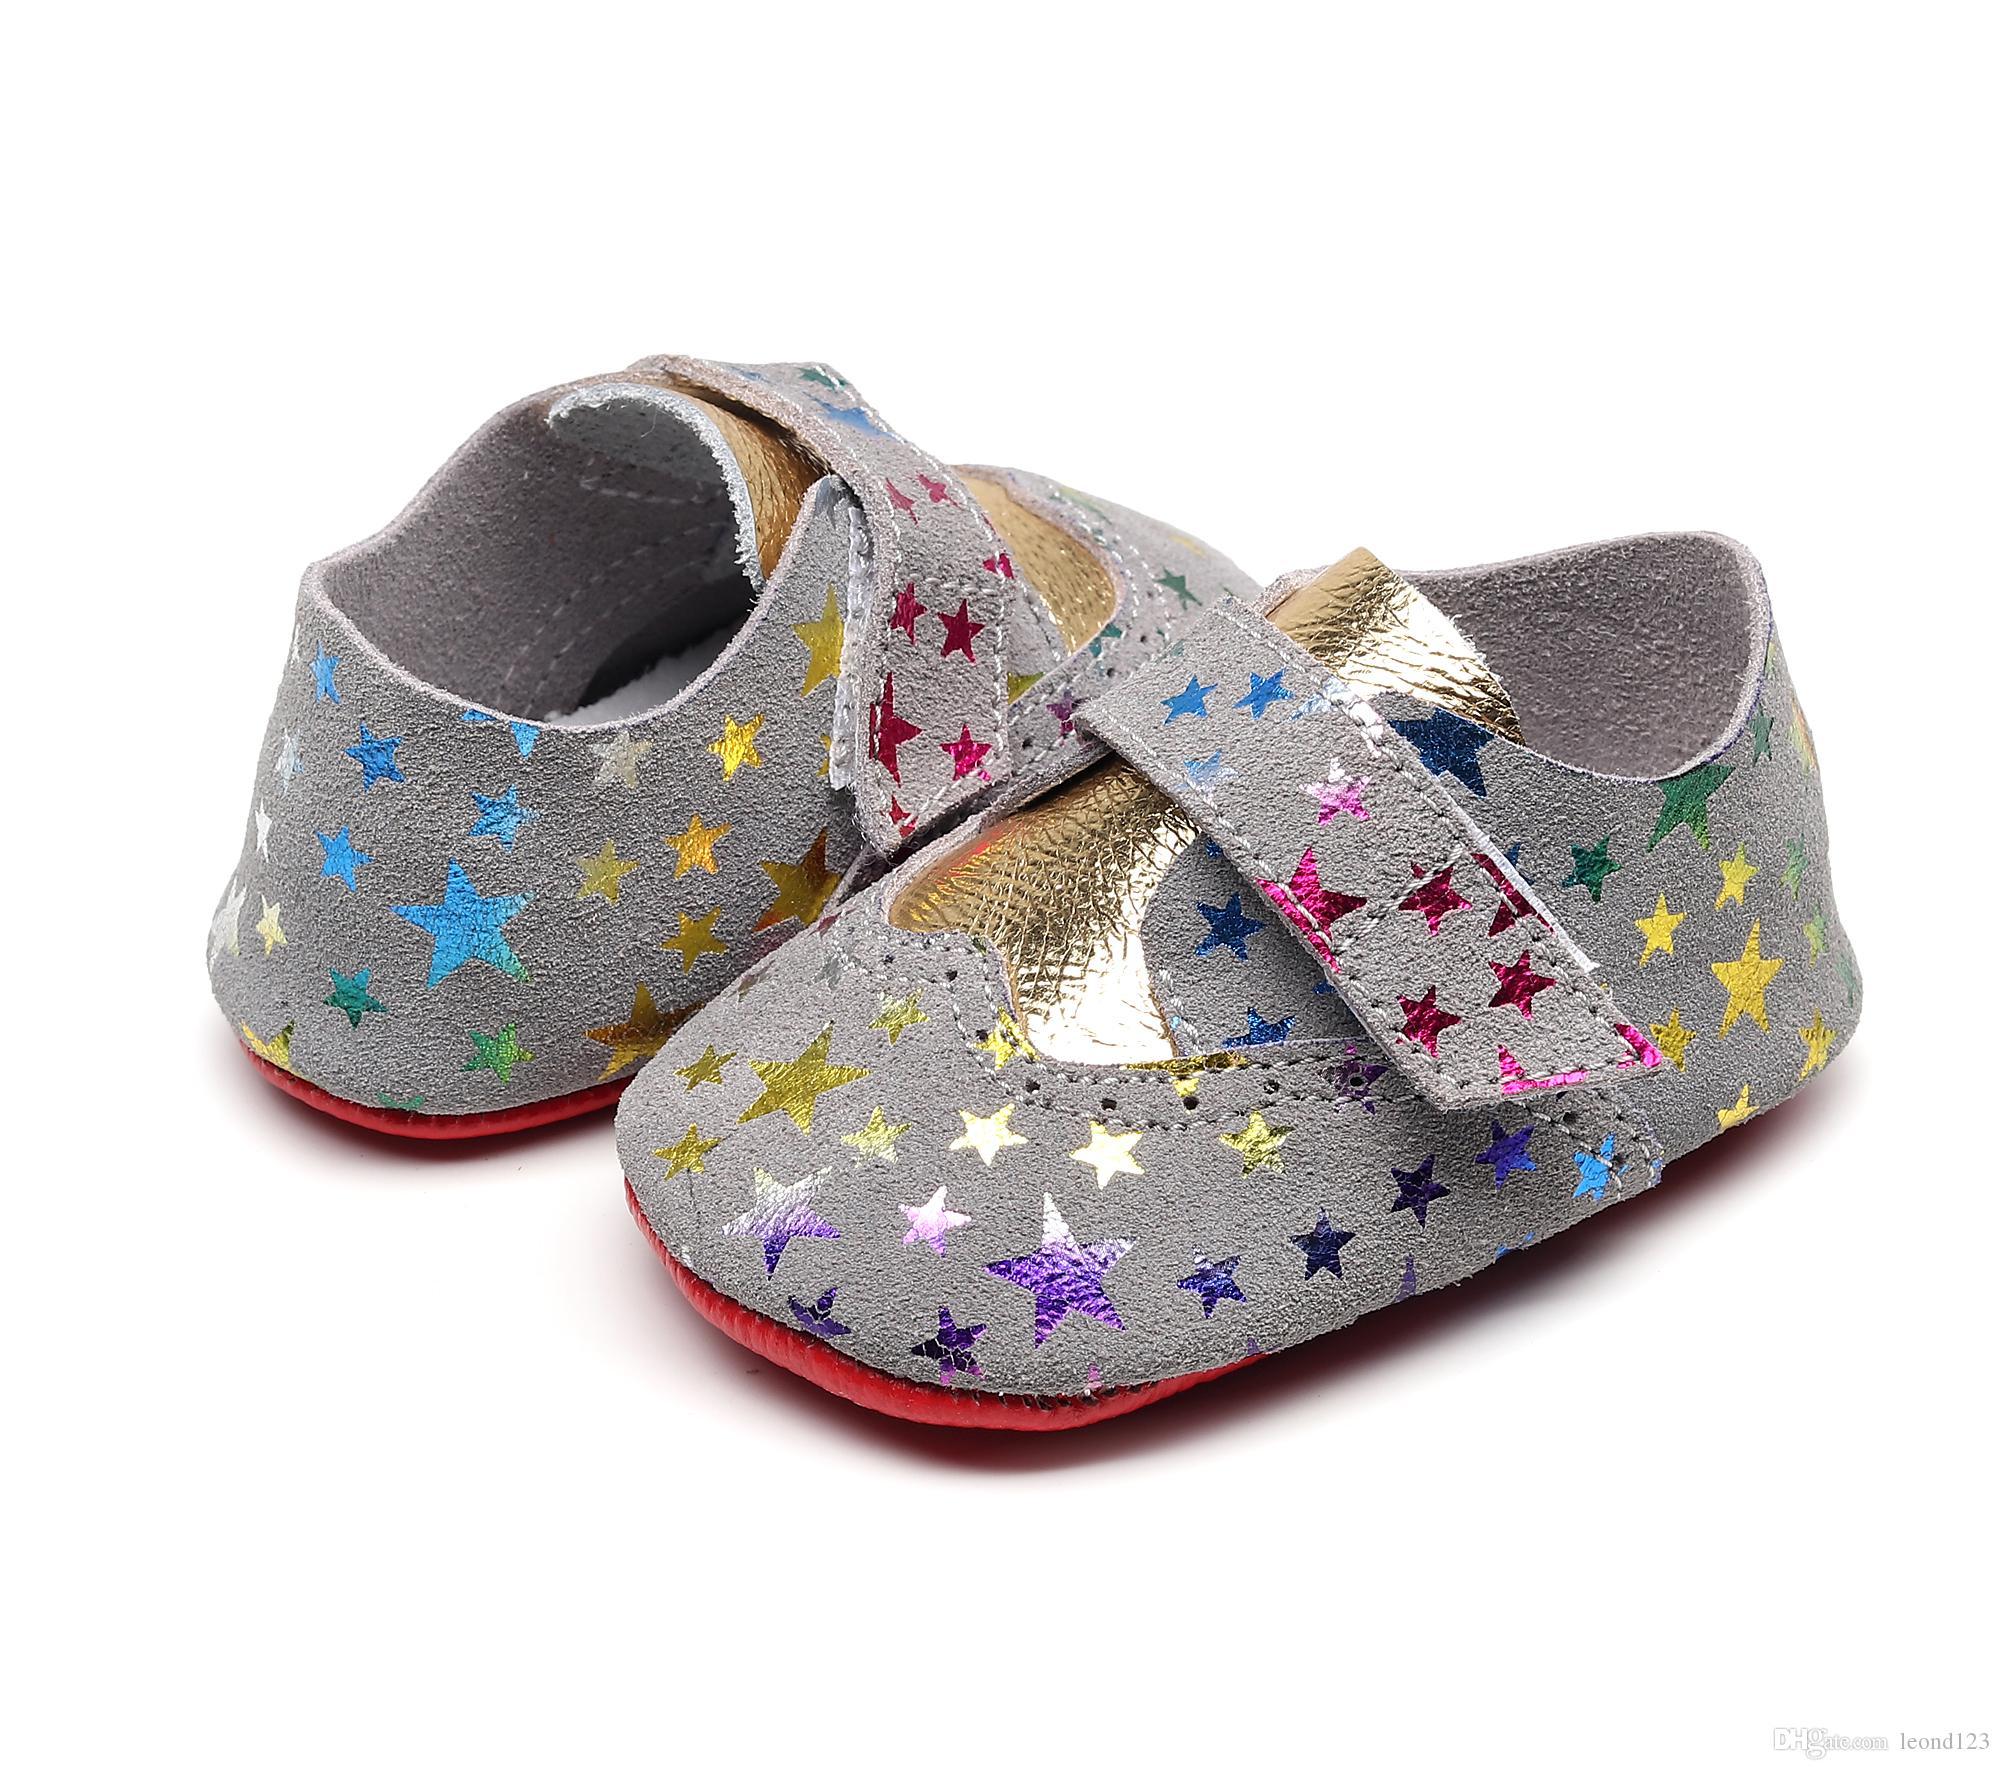 miglior sito web 5d61d 81ea1 2019 moda in vera pelle neonate ragazzi scarpe neonato mocassini suola  morbida antiscivolo presepe scarpe primi camminatori per 0-24 m